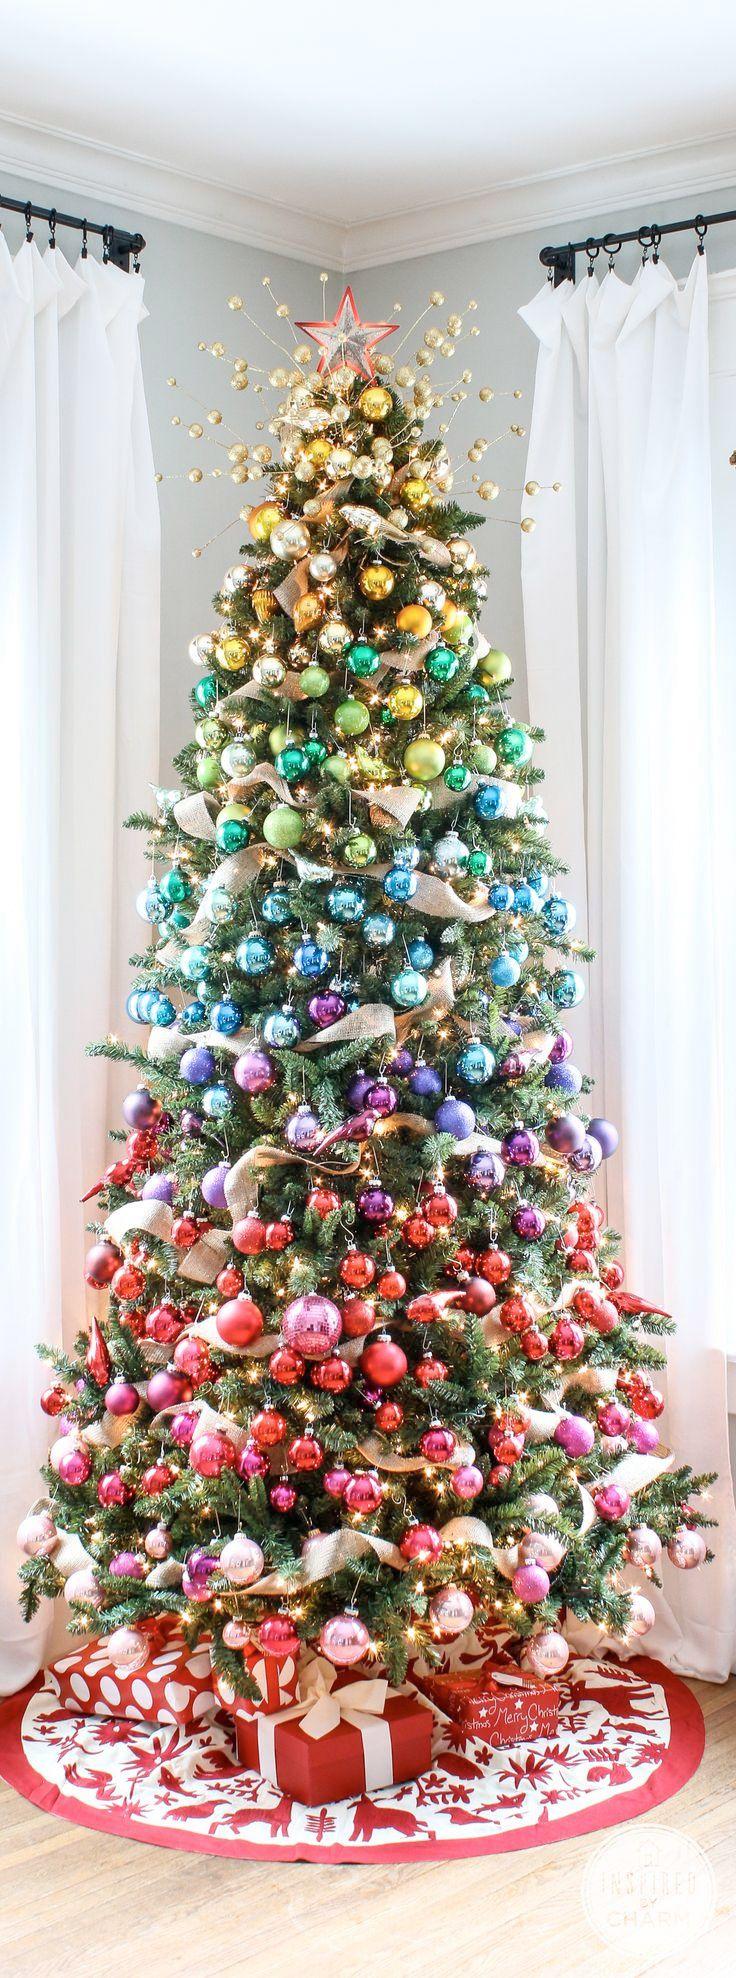 För en effektfull julgran – färgordna dekorationerna!